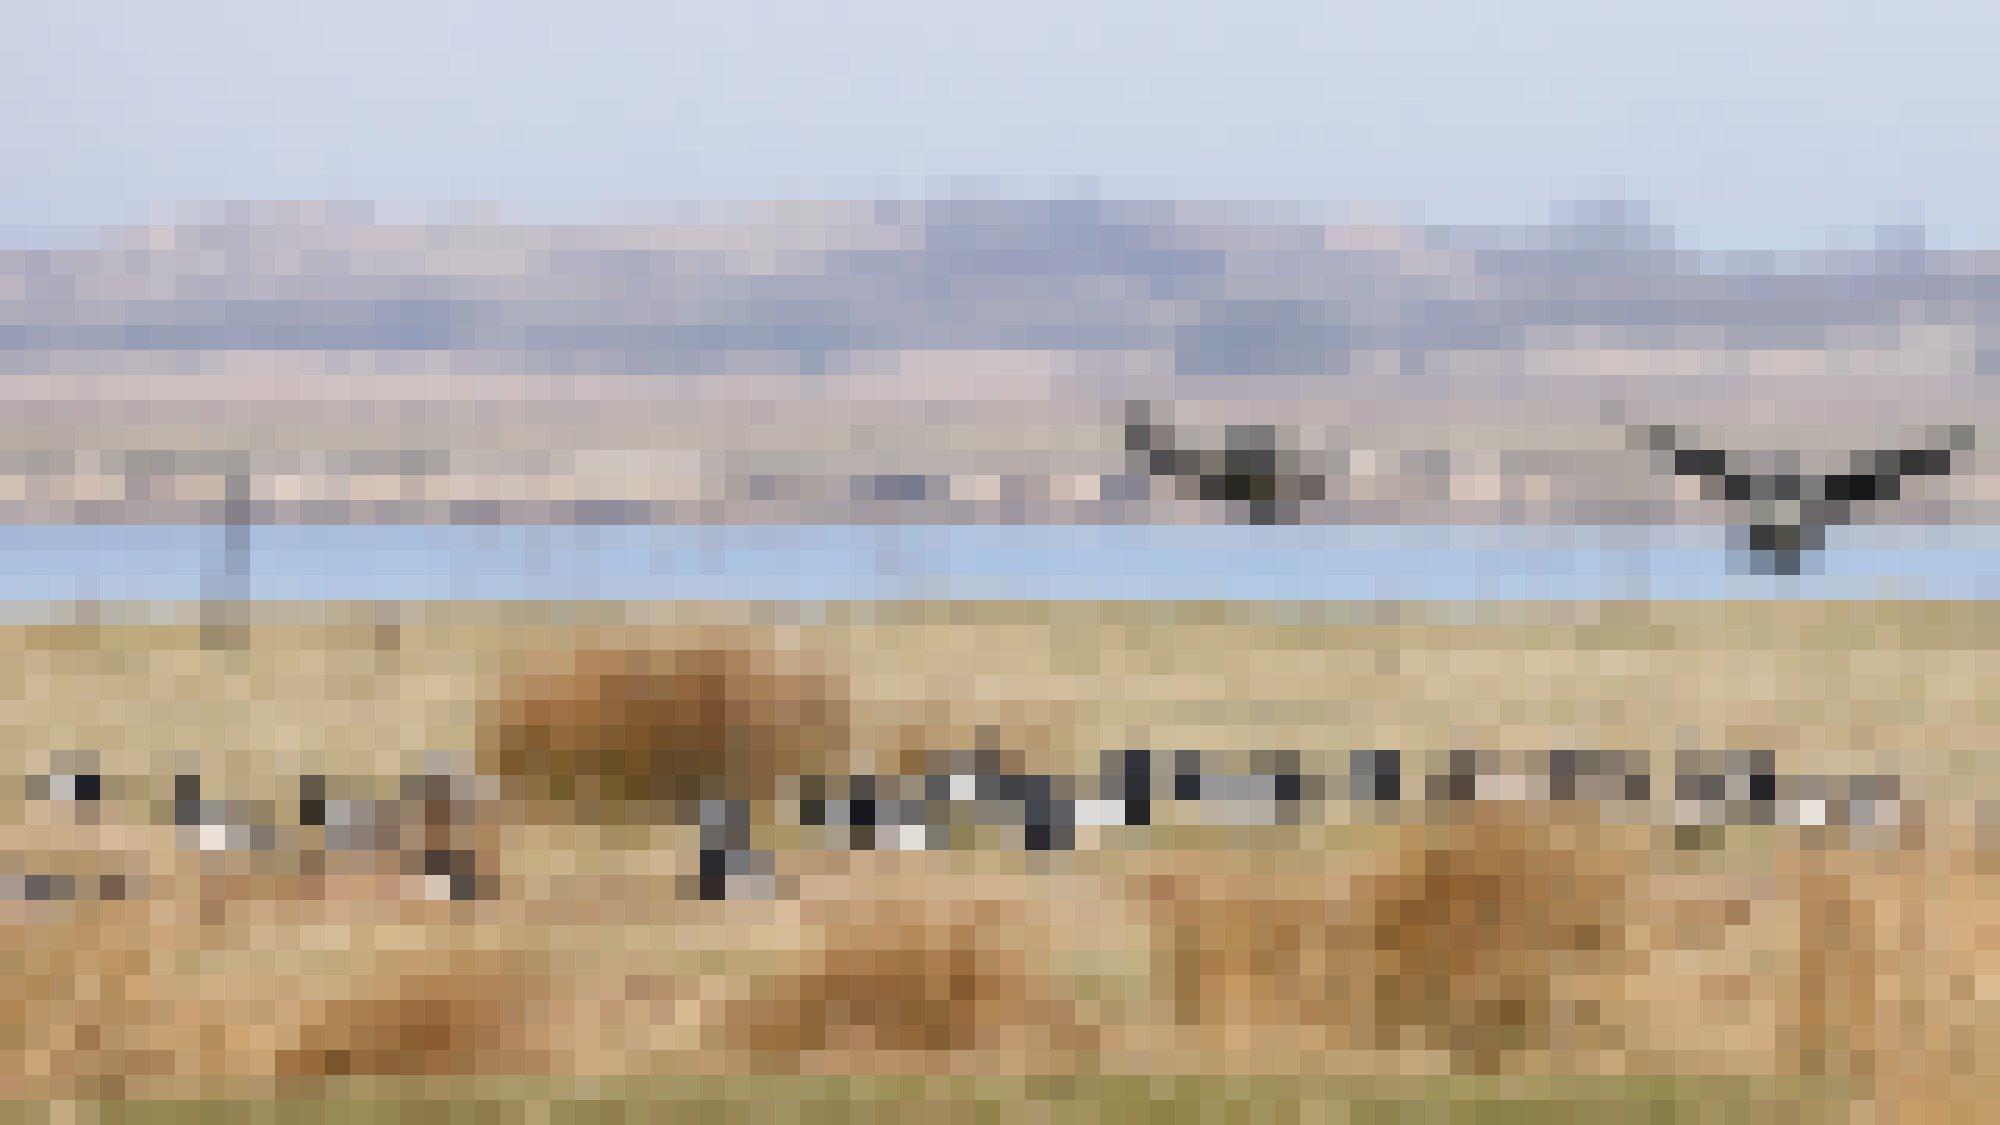 Zwei Gänse mit ausgestreckten Flügeln kurz vor der Landung in einer Gruppe von anderen Gänsen. Im Hintergrund ein Gewässer und eine Düne.